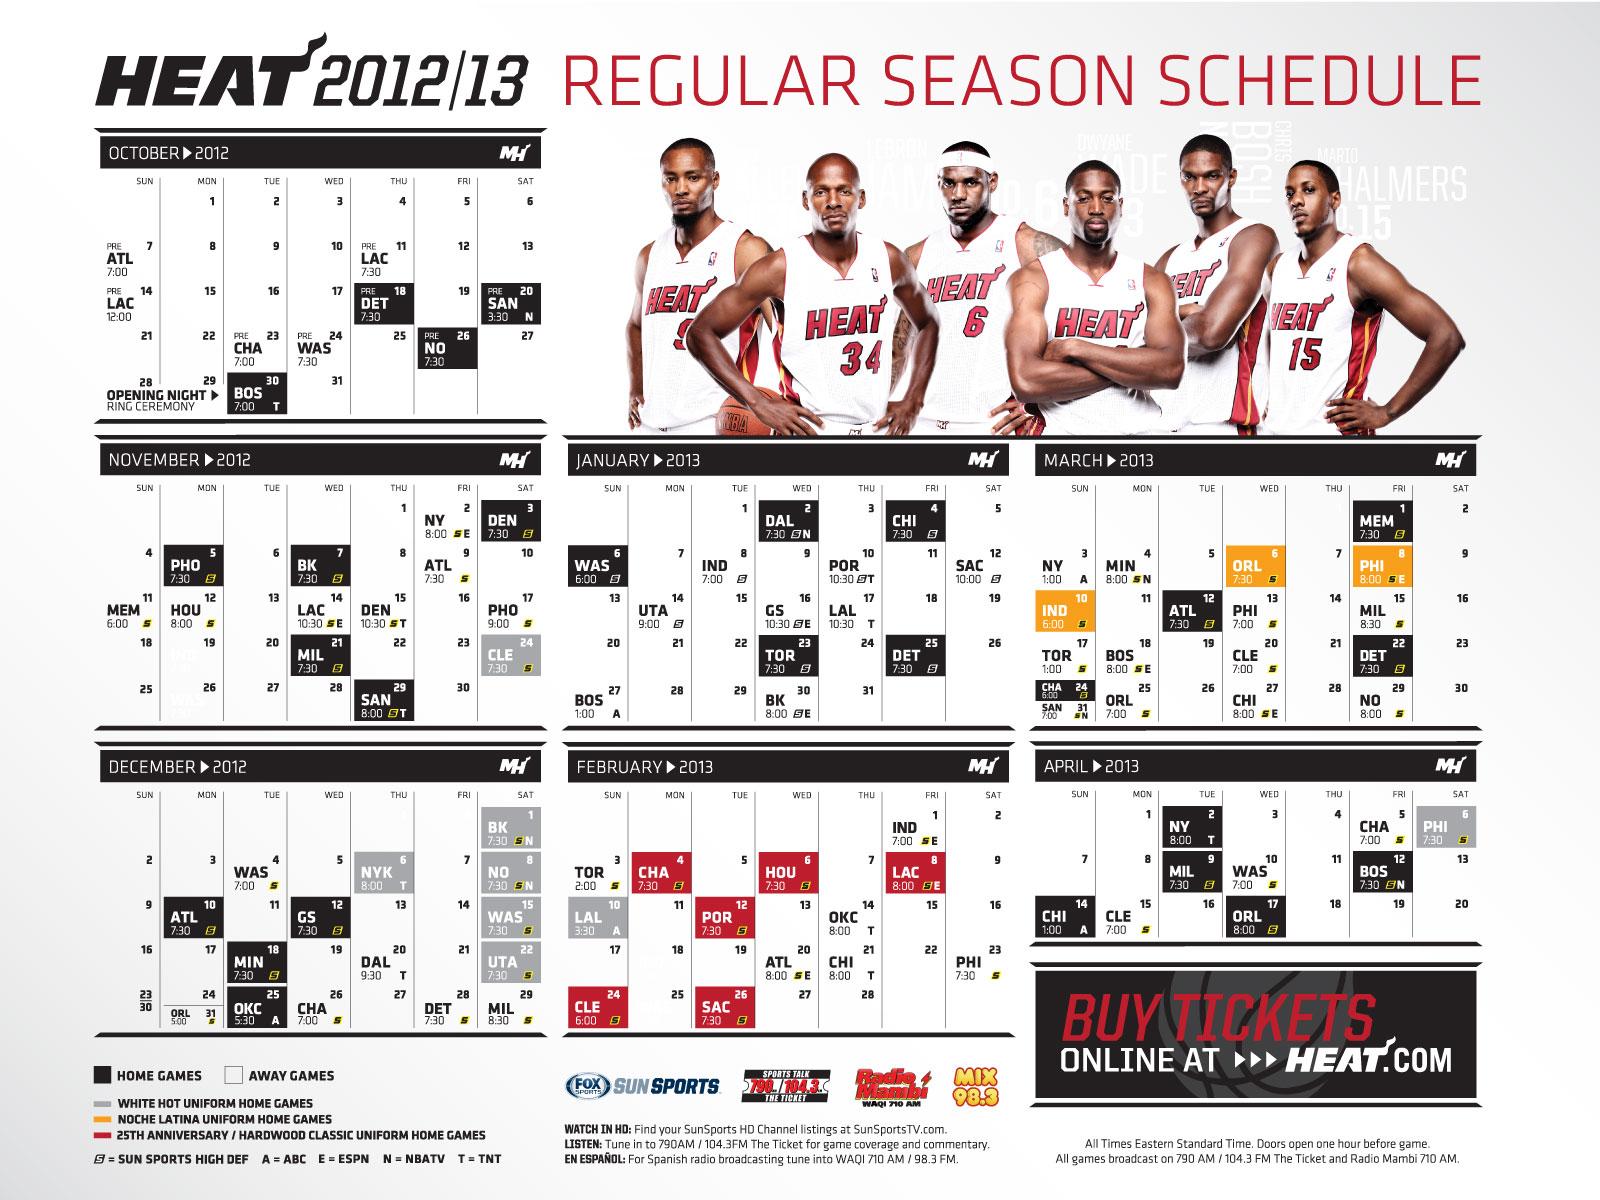 NWK To MIA MIAMI HEAT 2012 13 Season Schedule Wallpaper